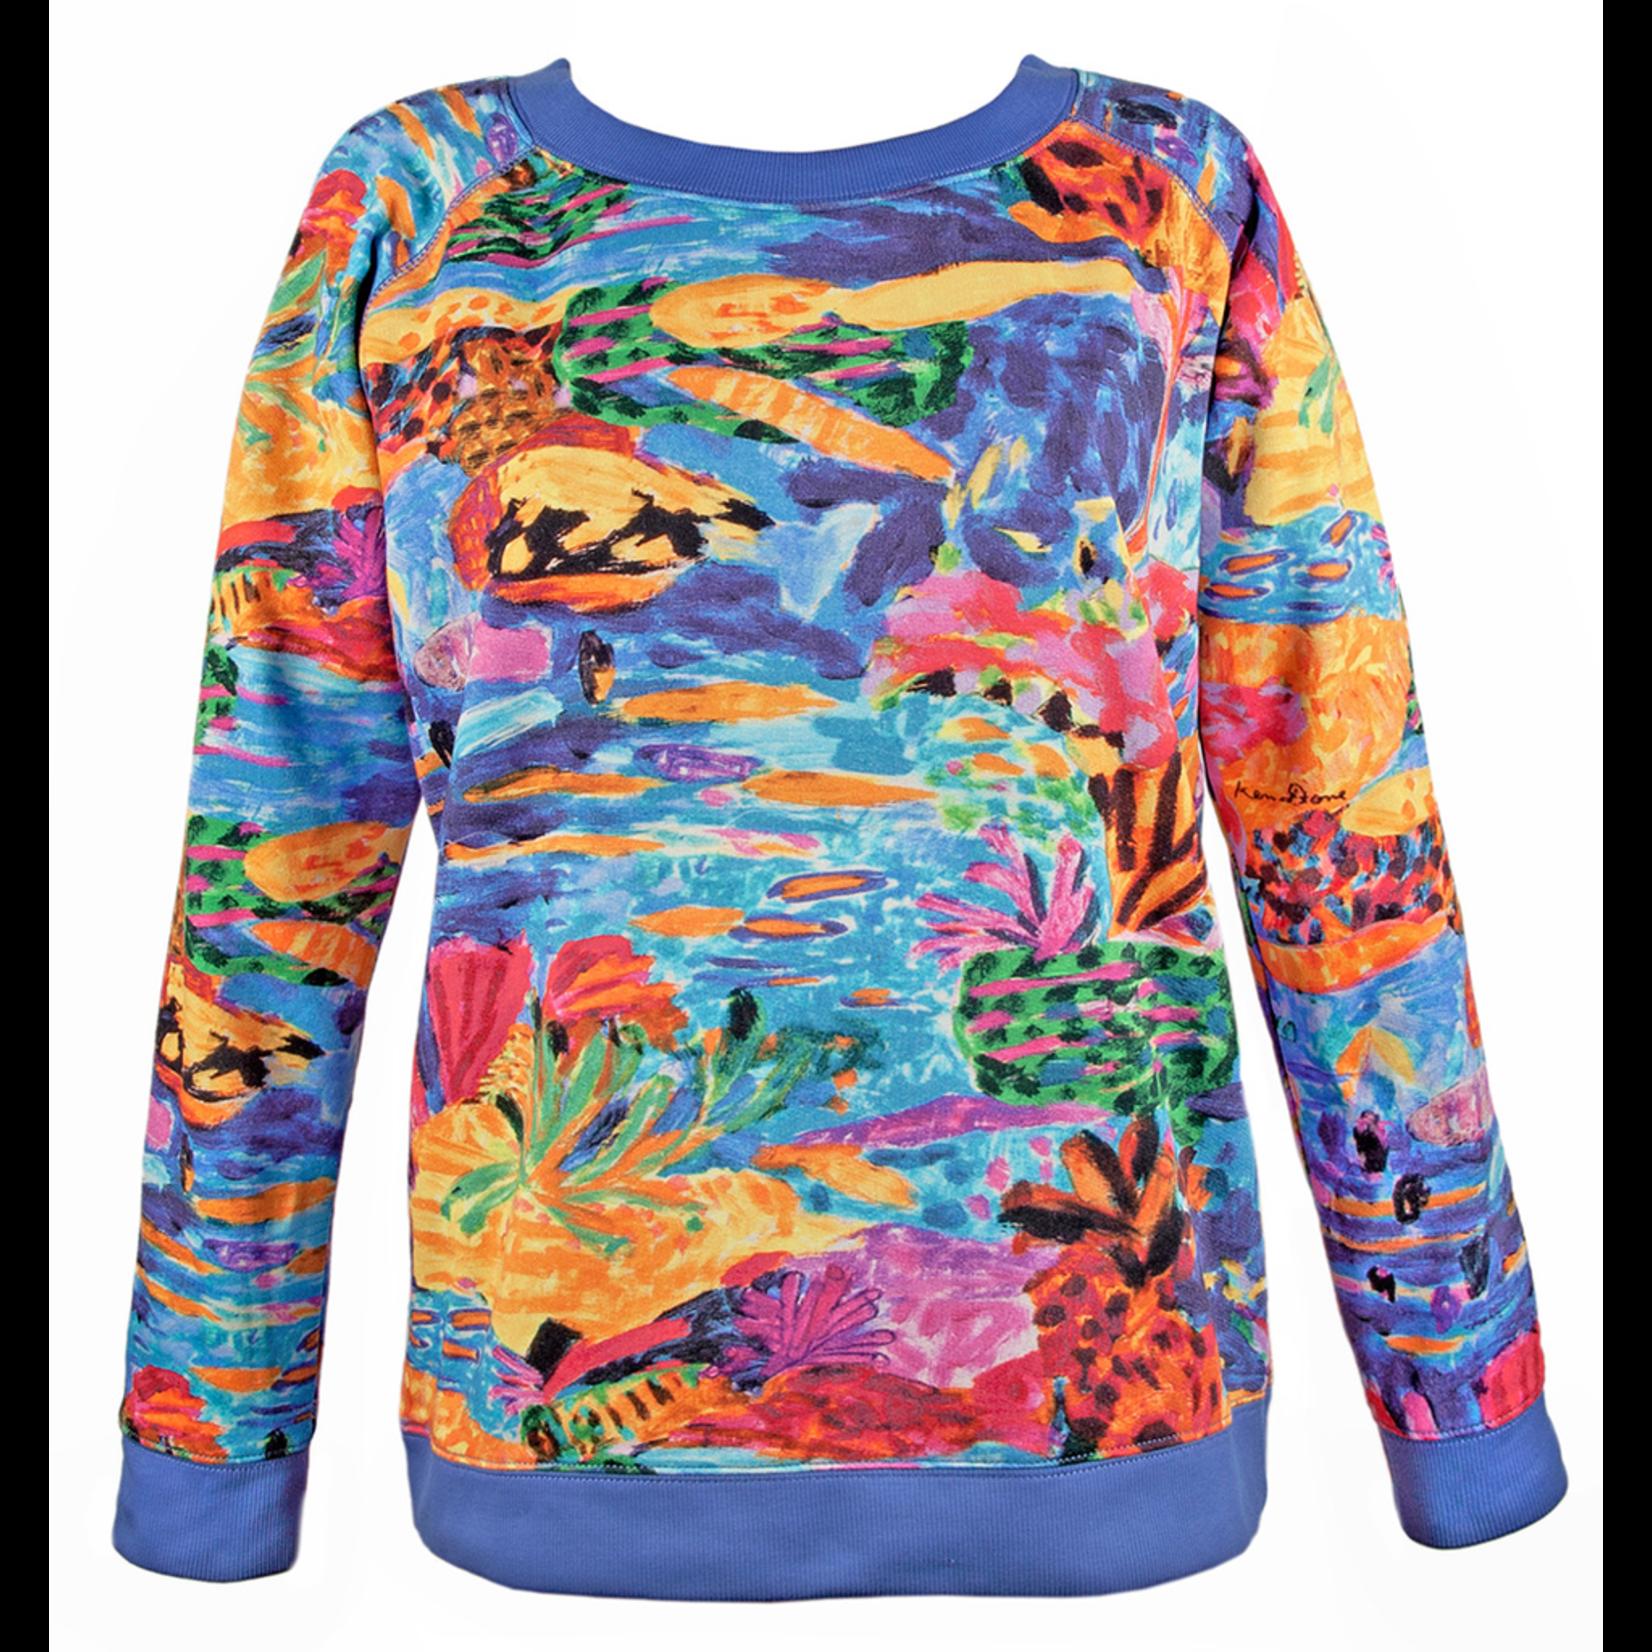 Clothing Sweatshirt - Golden Reef